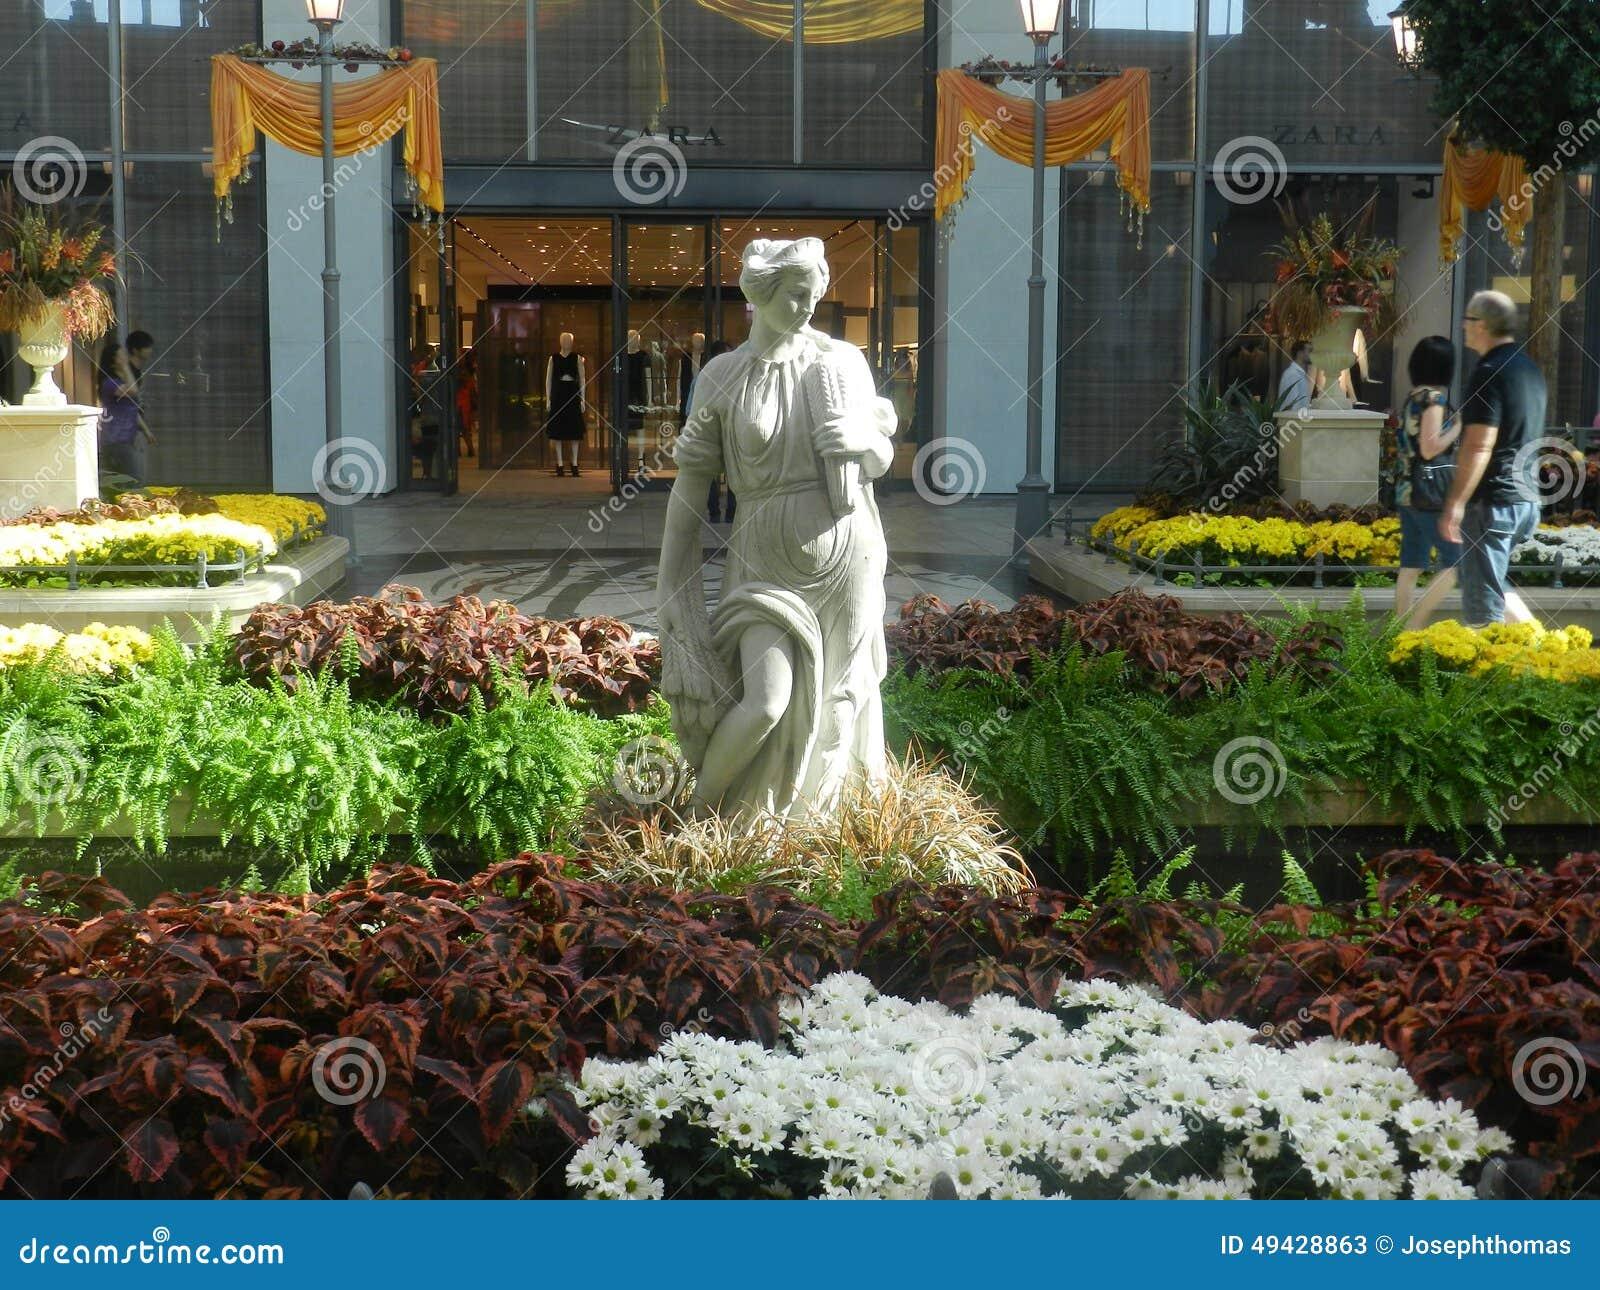 Carrefoure Laval wewnętrzny centrum handlowe, Kanada kwiatów robić zakupy ludzie ogród